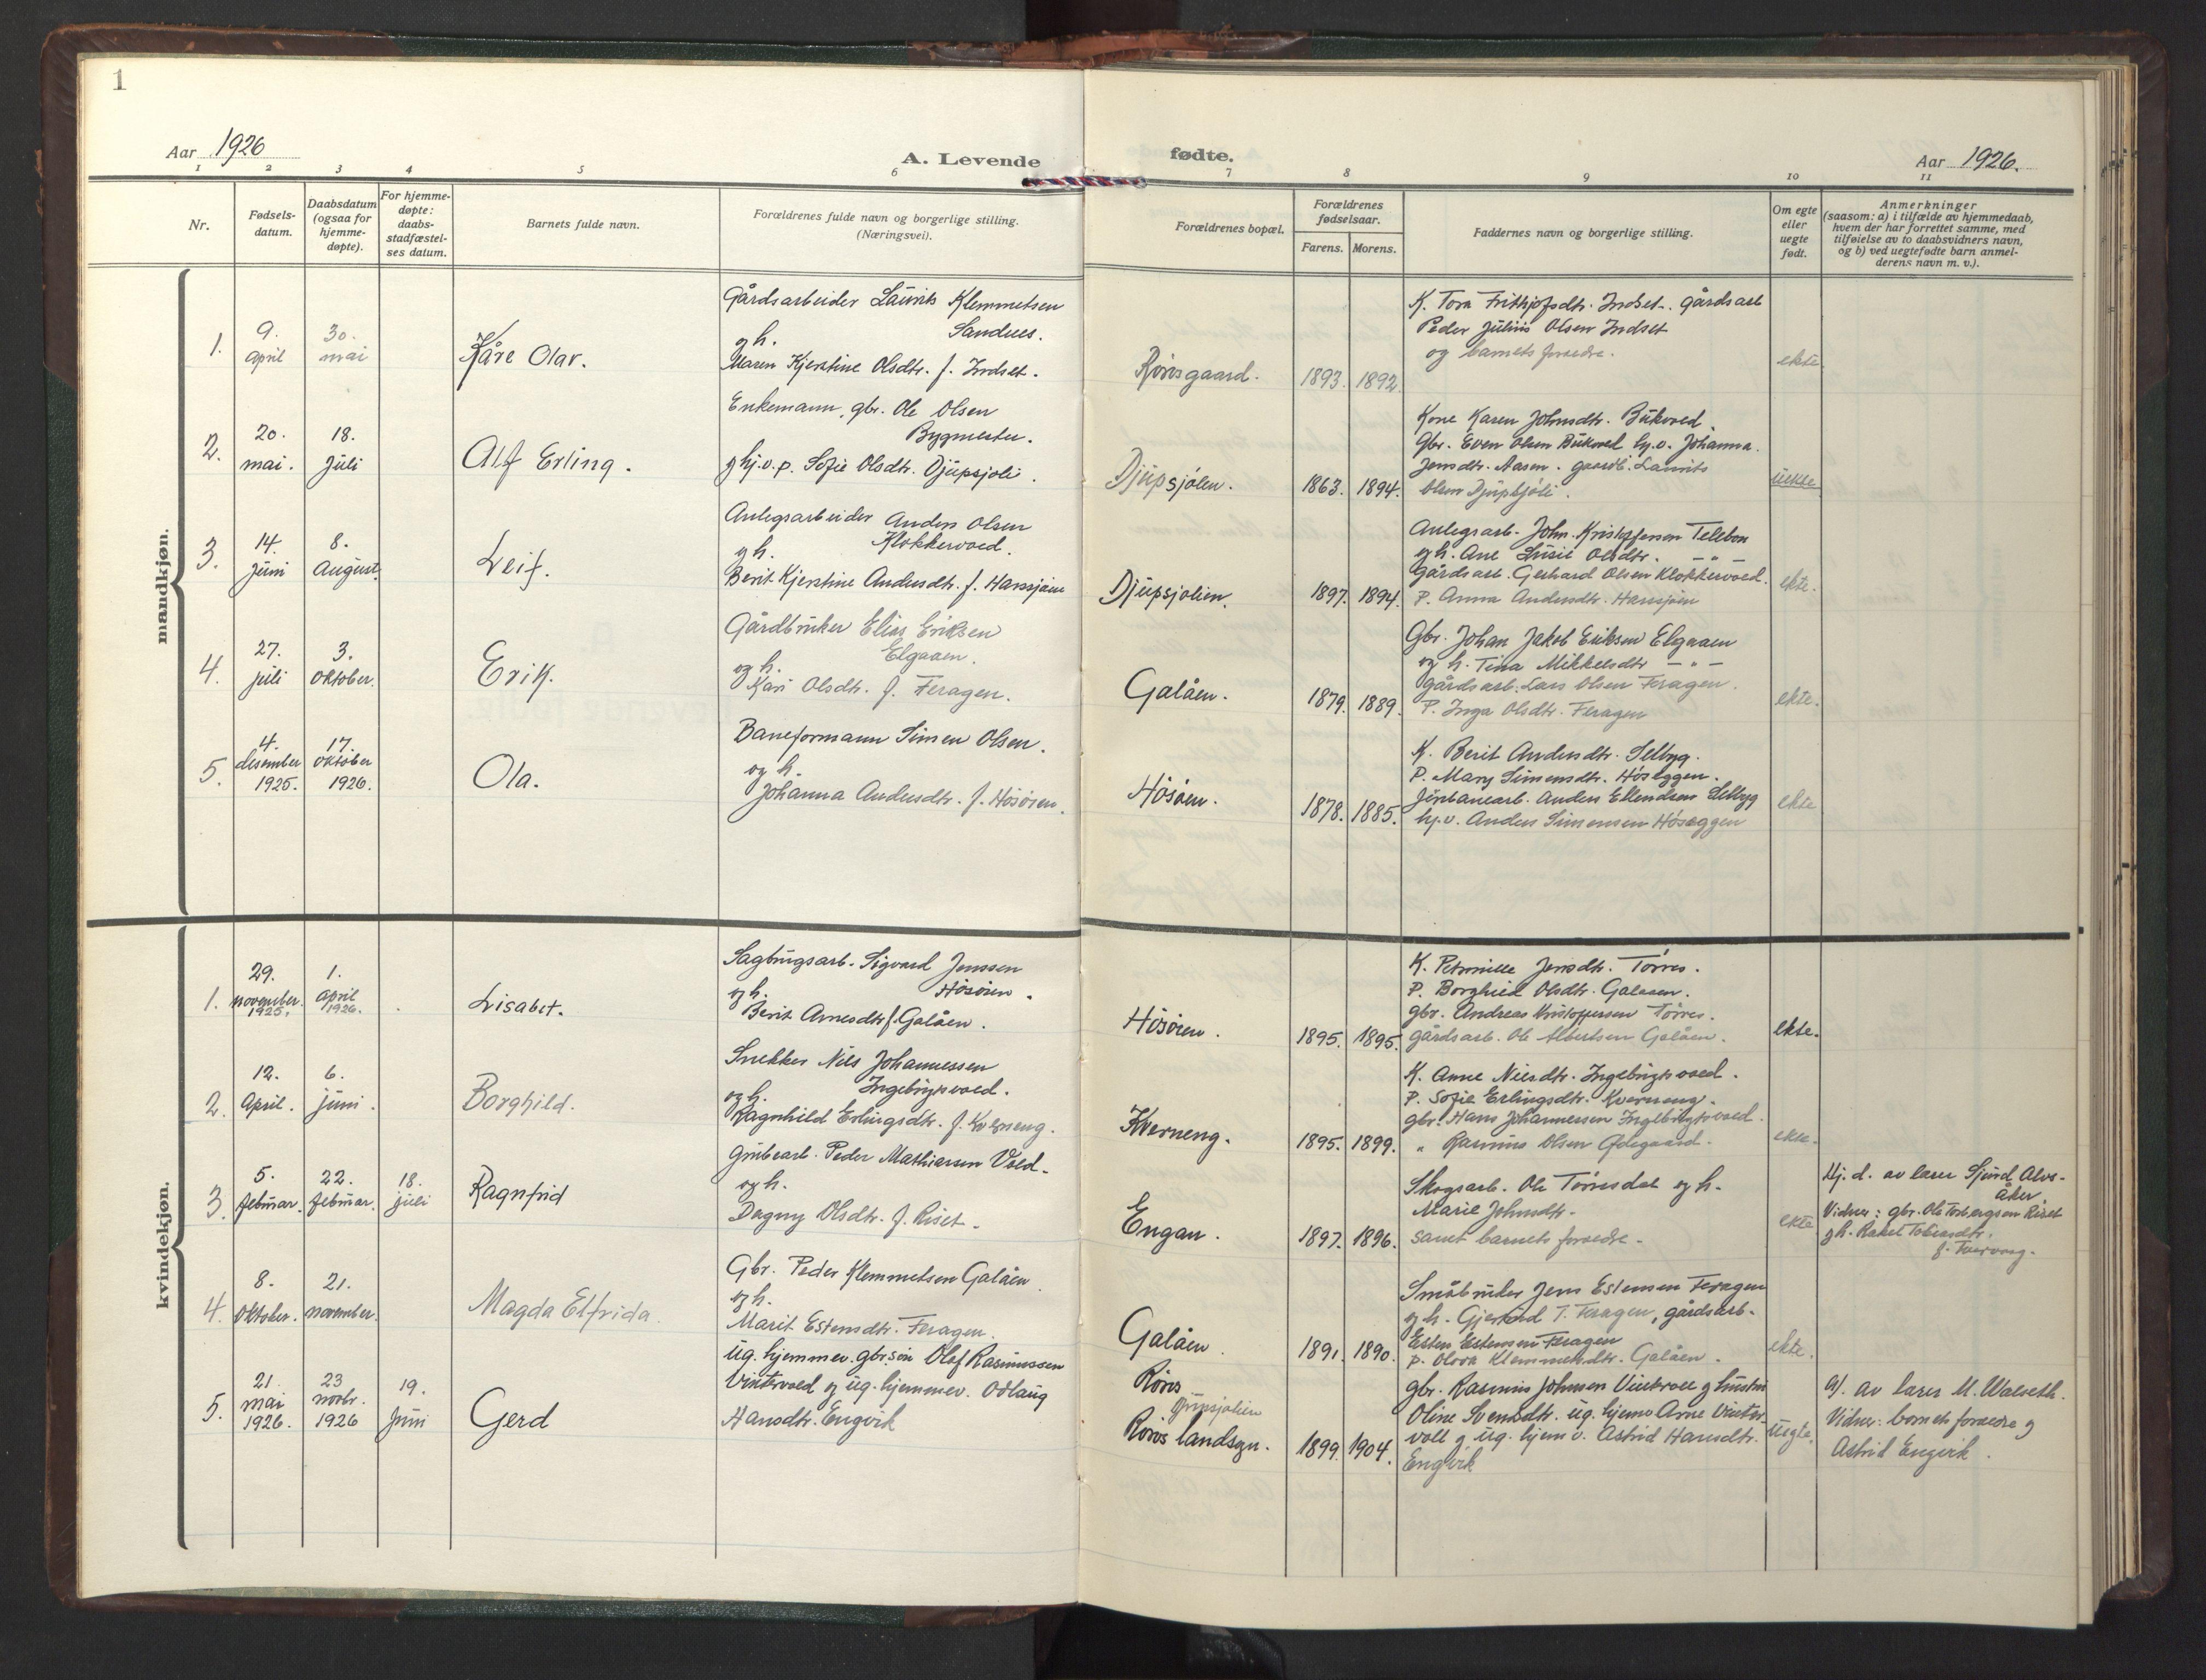 SAT, Ministerialprotokoller, klokkerbøker og fødselsregistre - Sør-Trøndelag, 681/L0944: Klokkerbok nr. 681C08, 1926-1954, s. 1